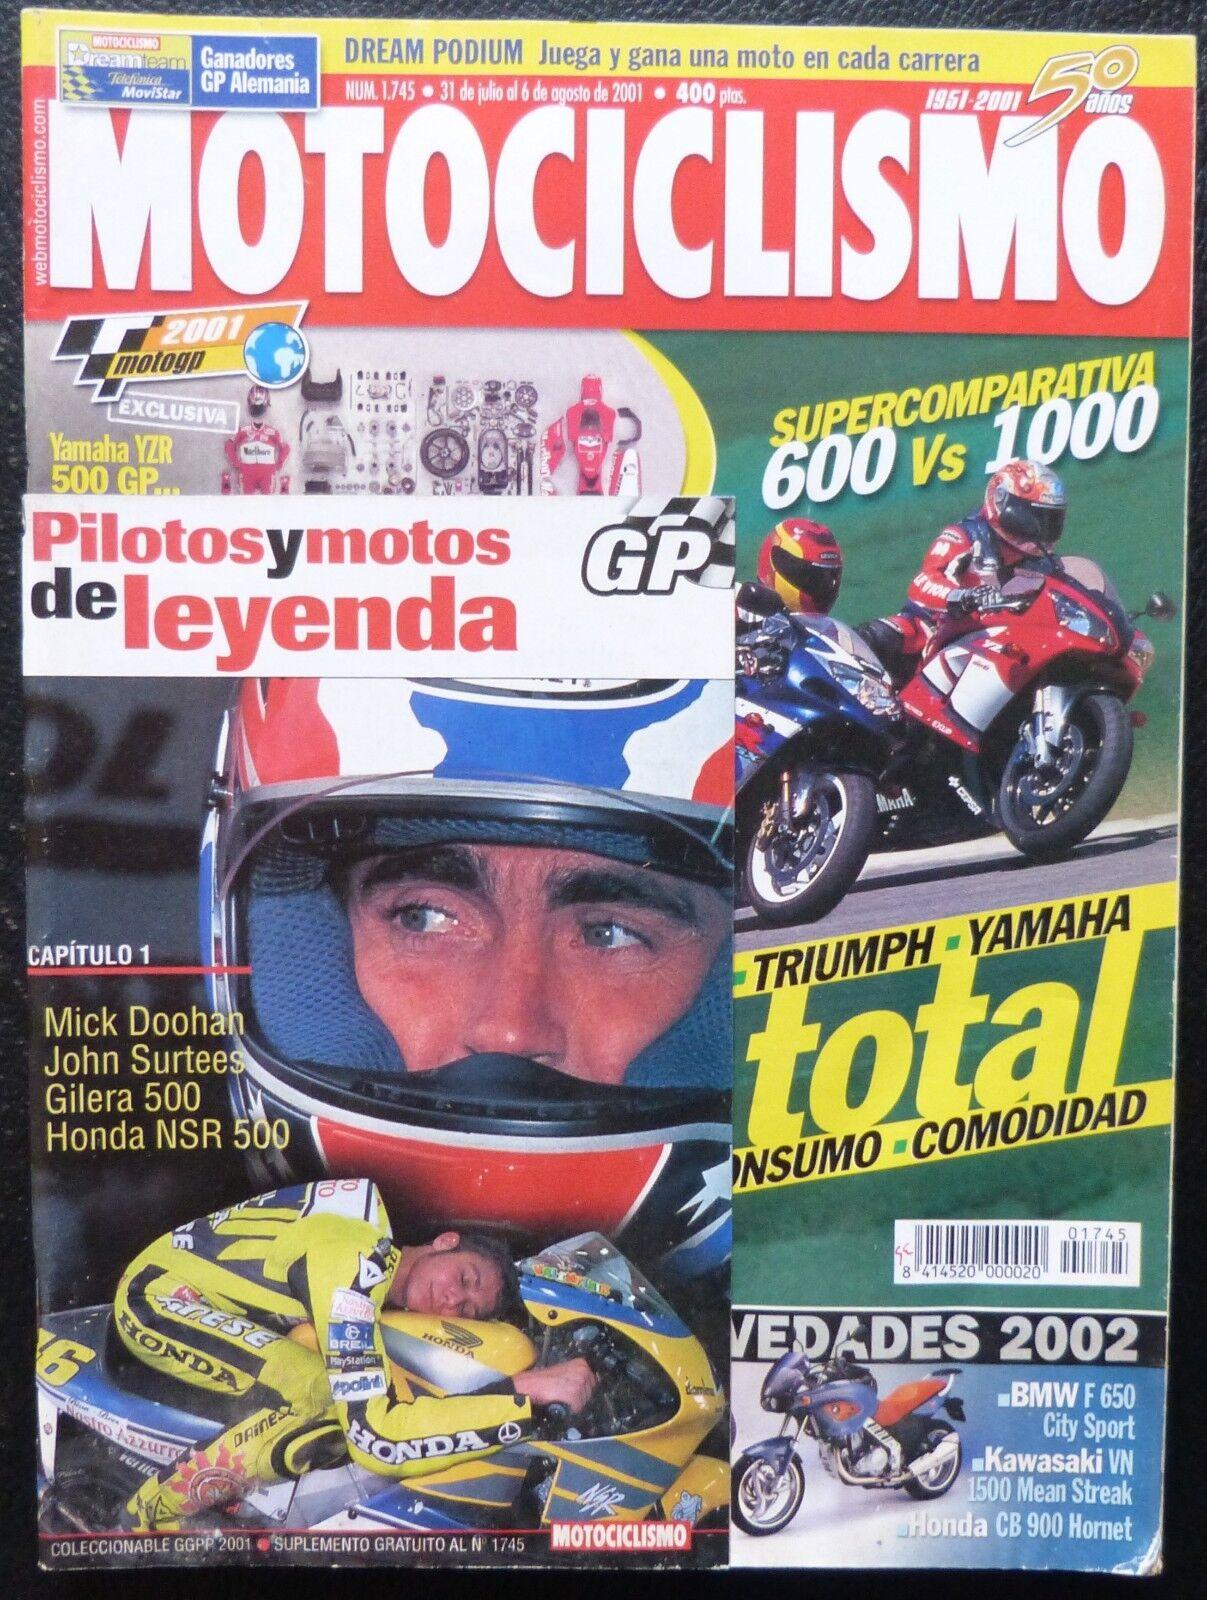 REVISTA MOTOCICLISMO,AÑO 2001,NUMERO 1745, Pilotos y motos de leyenda